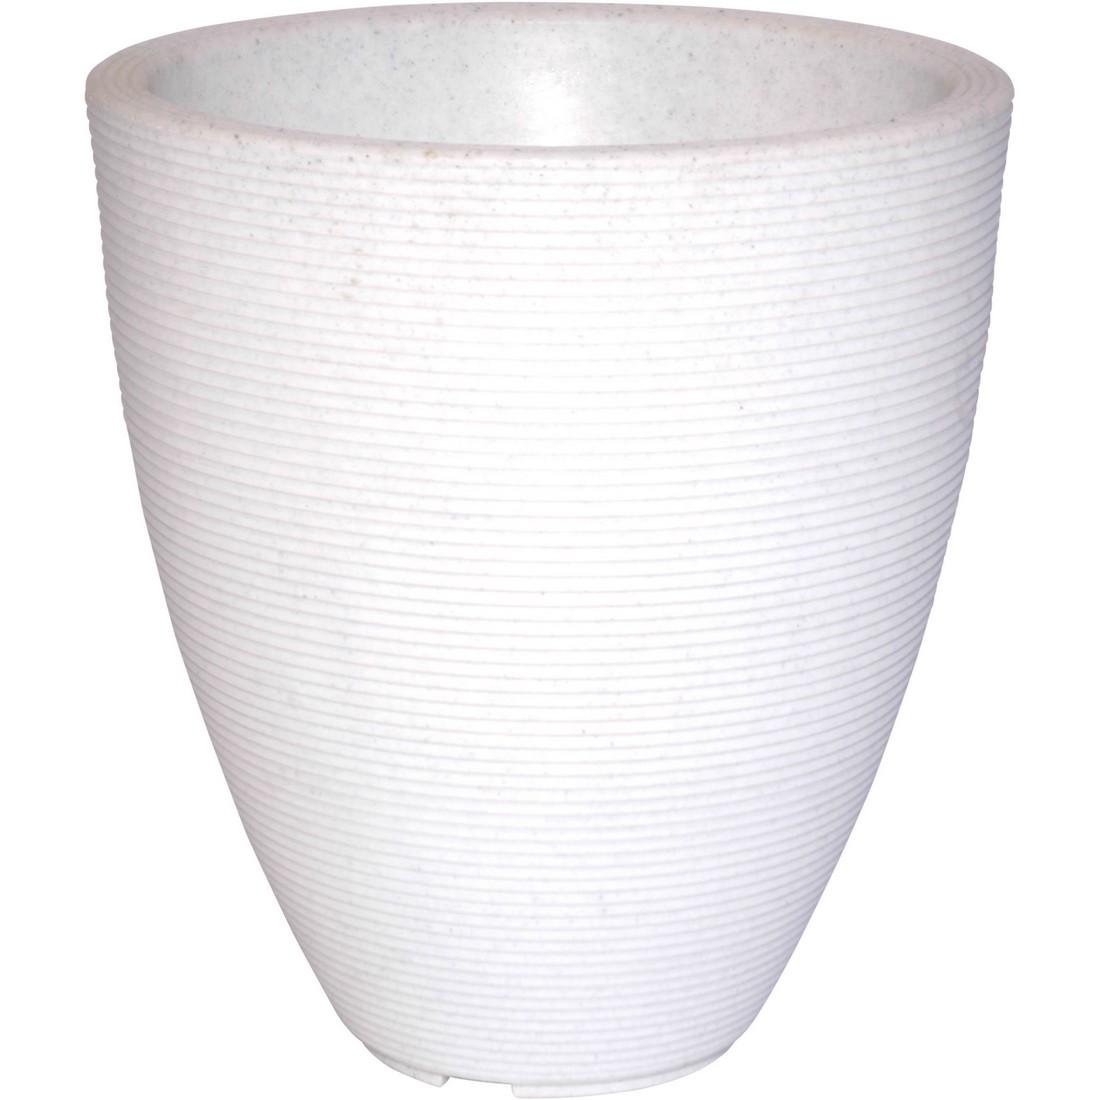 Pflanzkübel Marble - Kunststoff - Delano, Cresent Garden